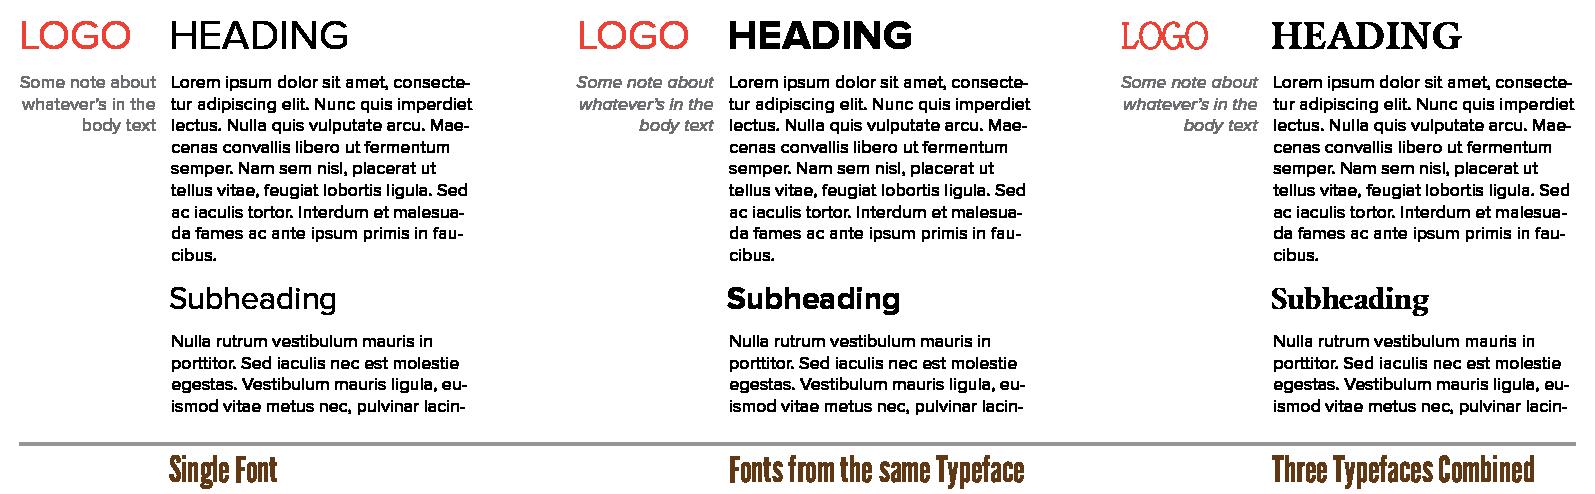 TypographyPickingTypefaces